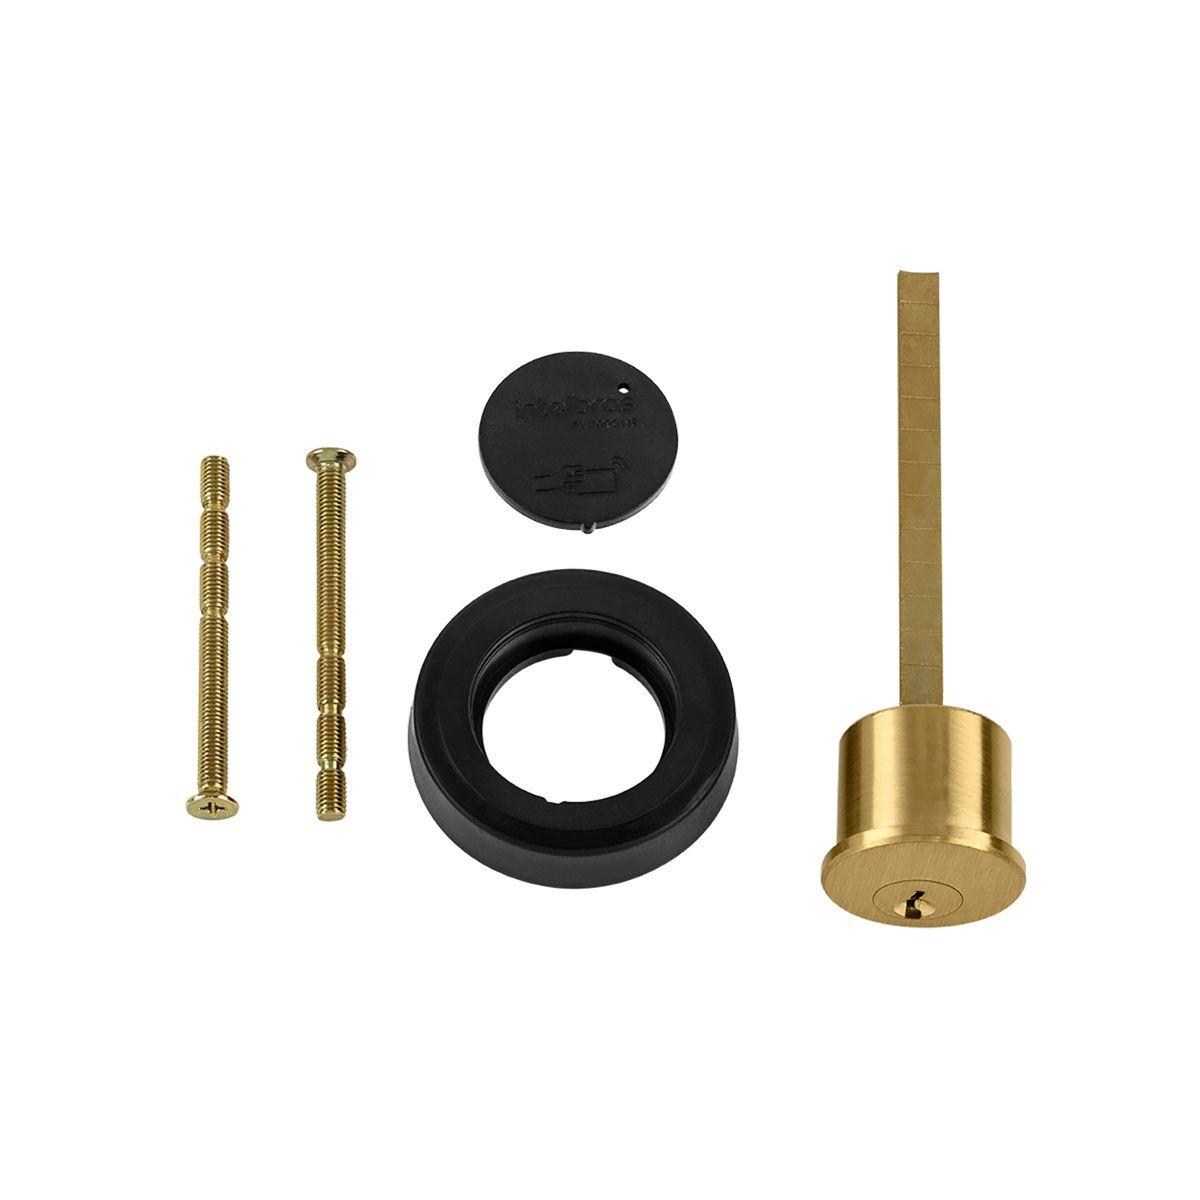 Fechadura elétrica com leitor de tag FX 3000 MF 13,56 MHz intelbras - JS Soluções em Segurança